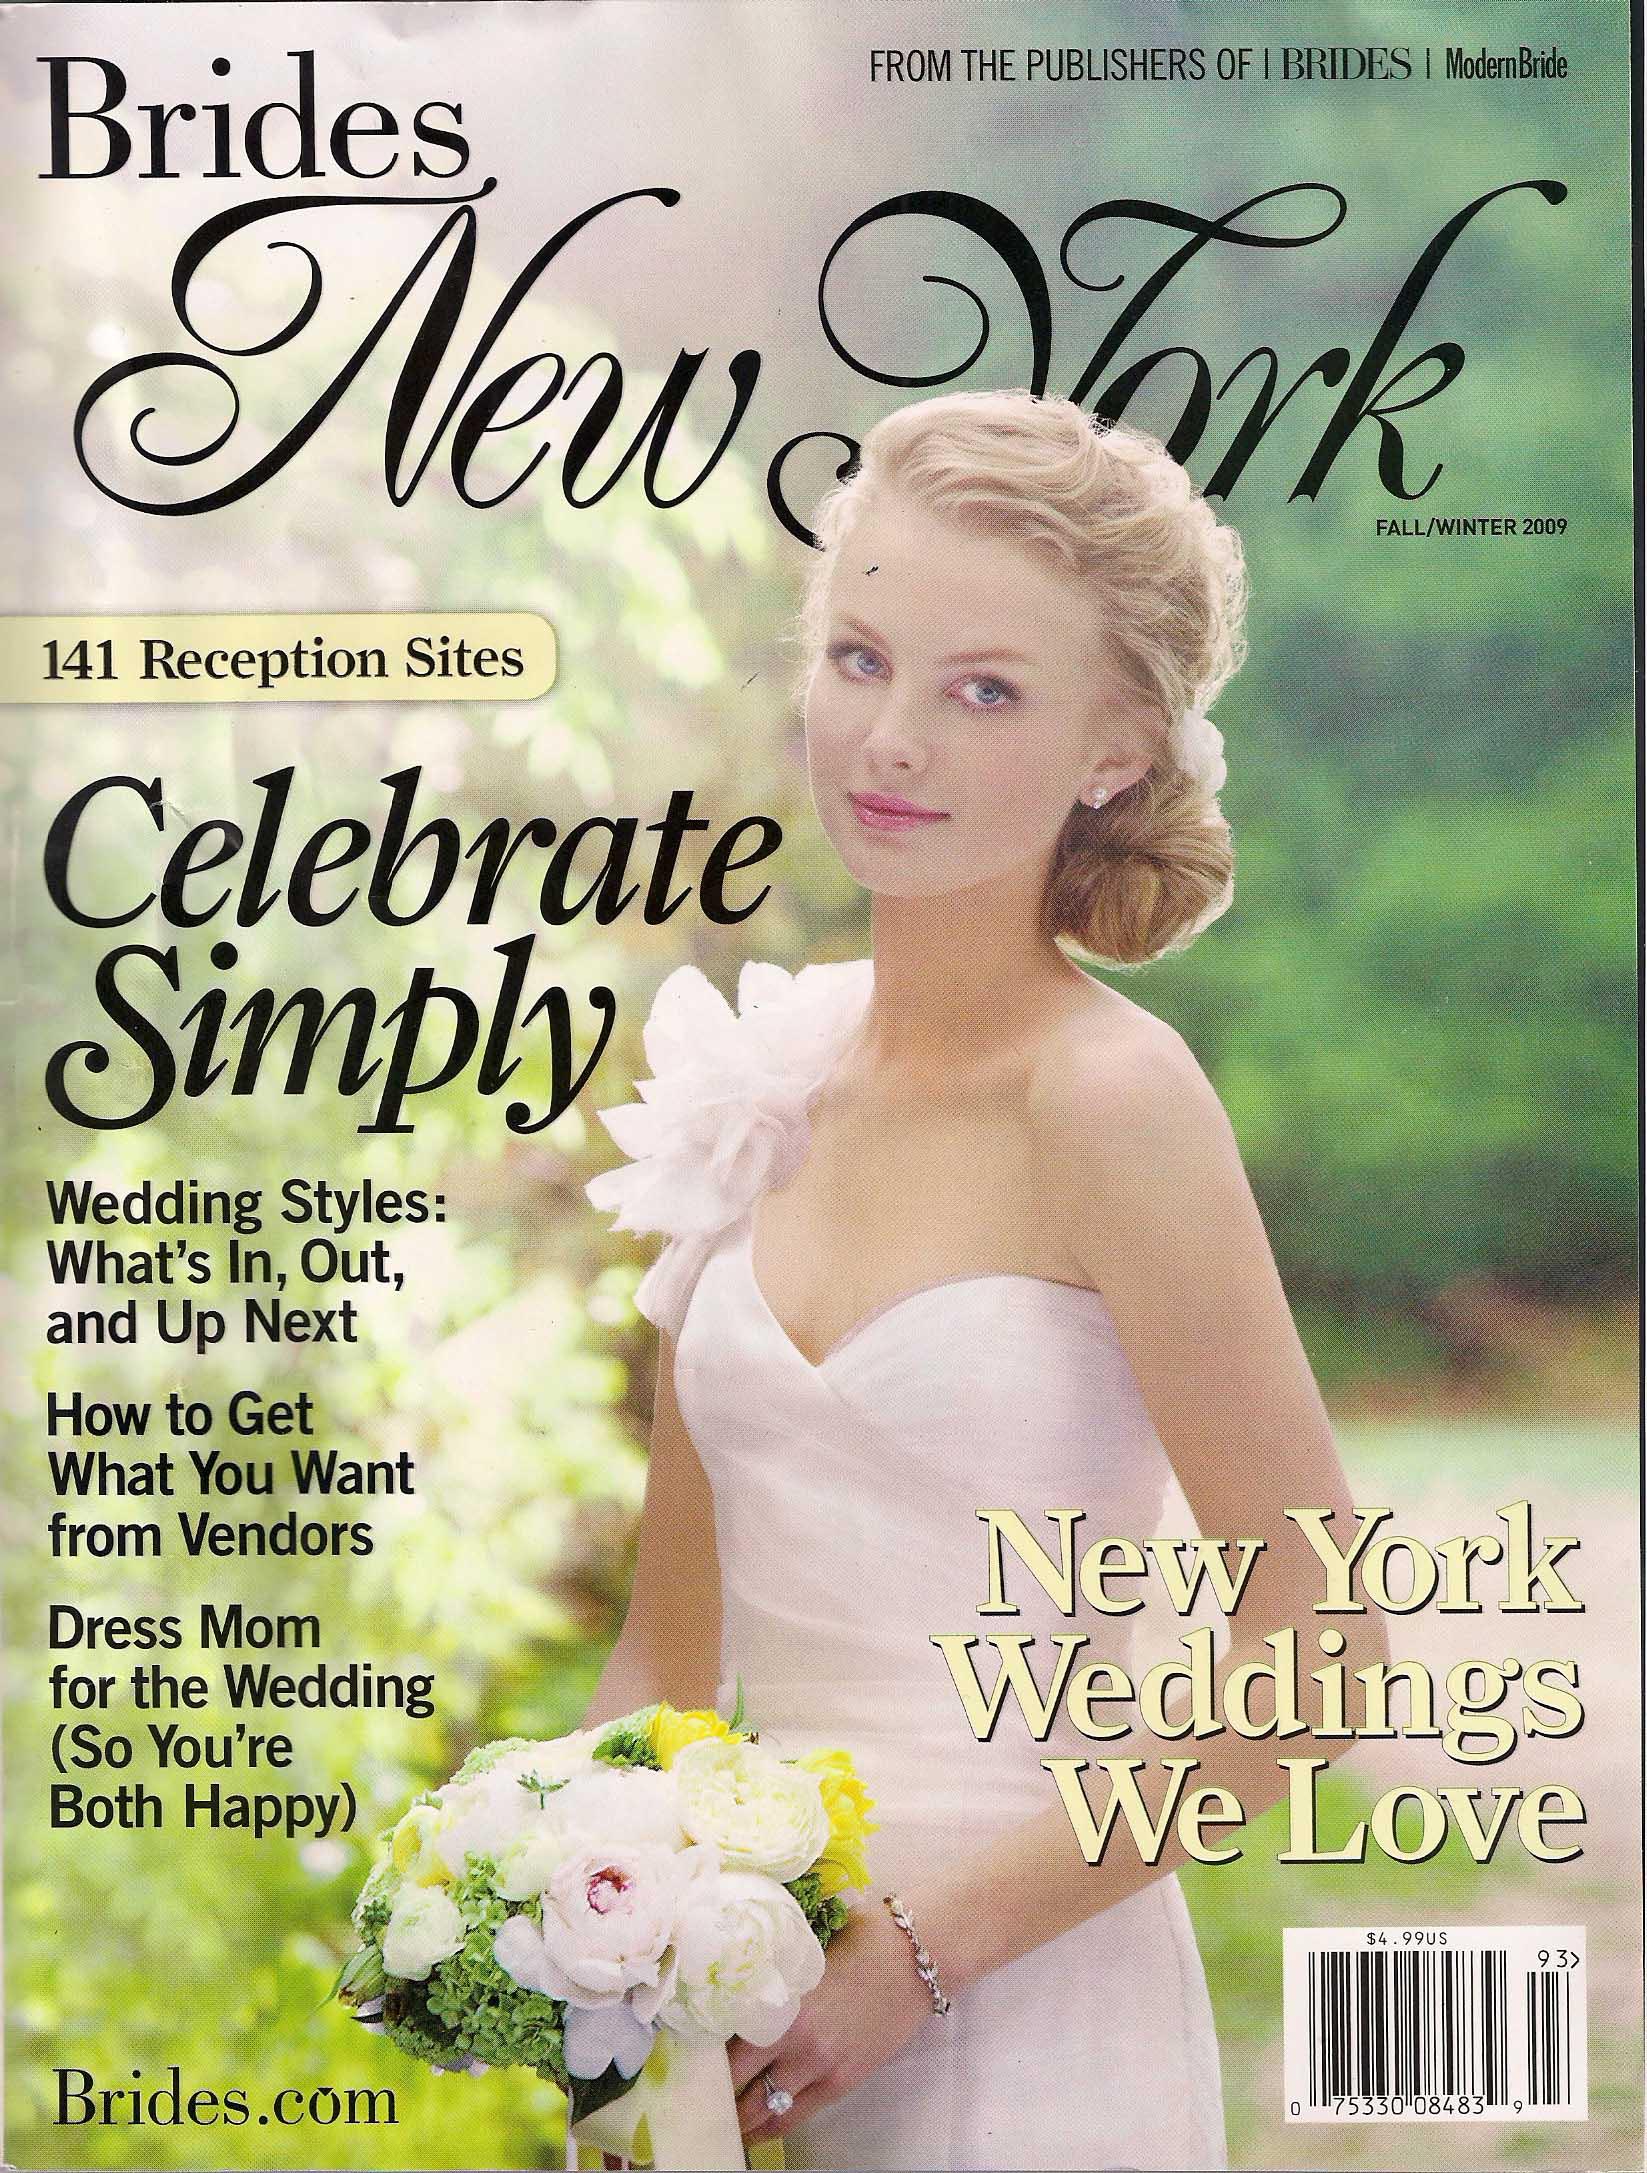 brides new york .jpg